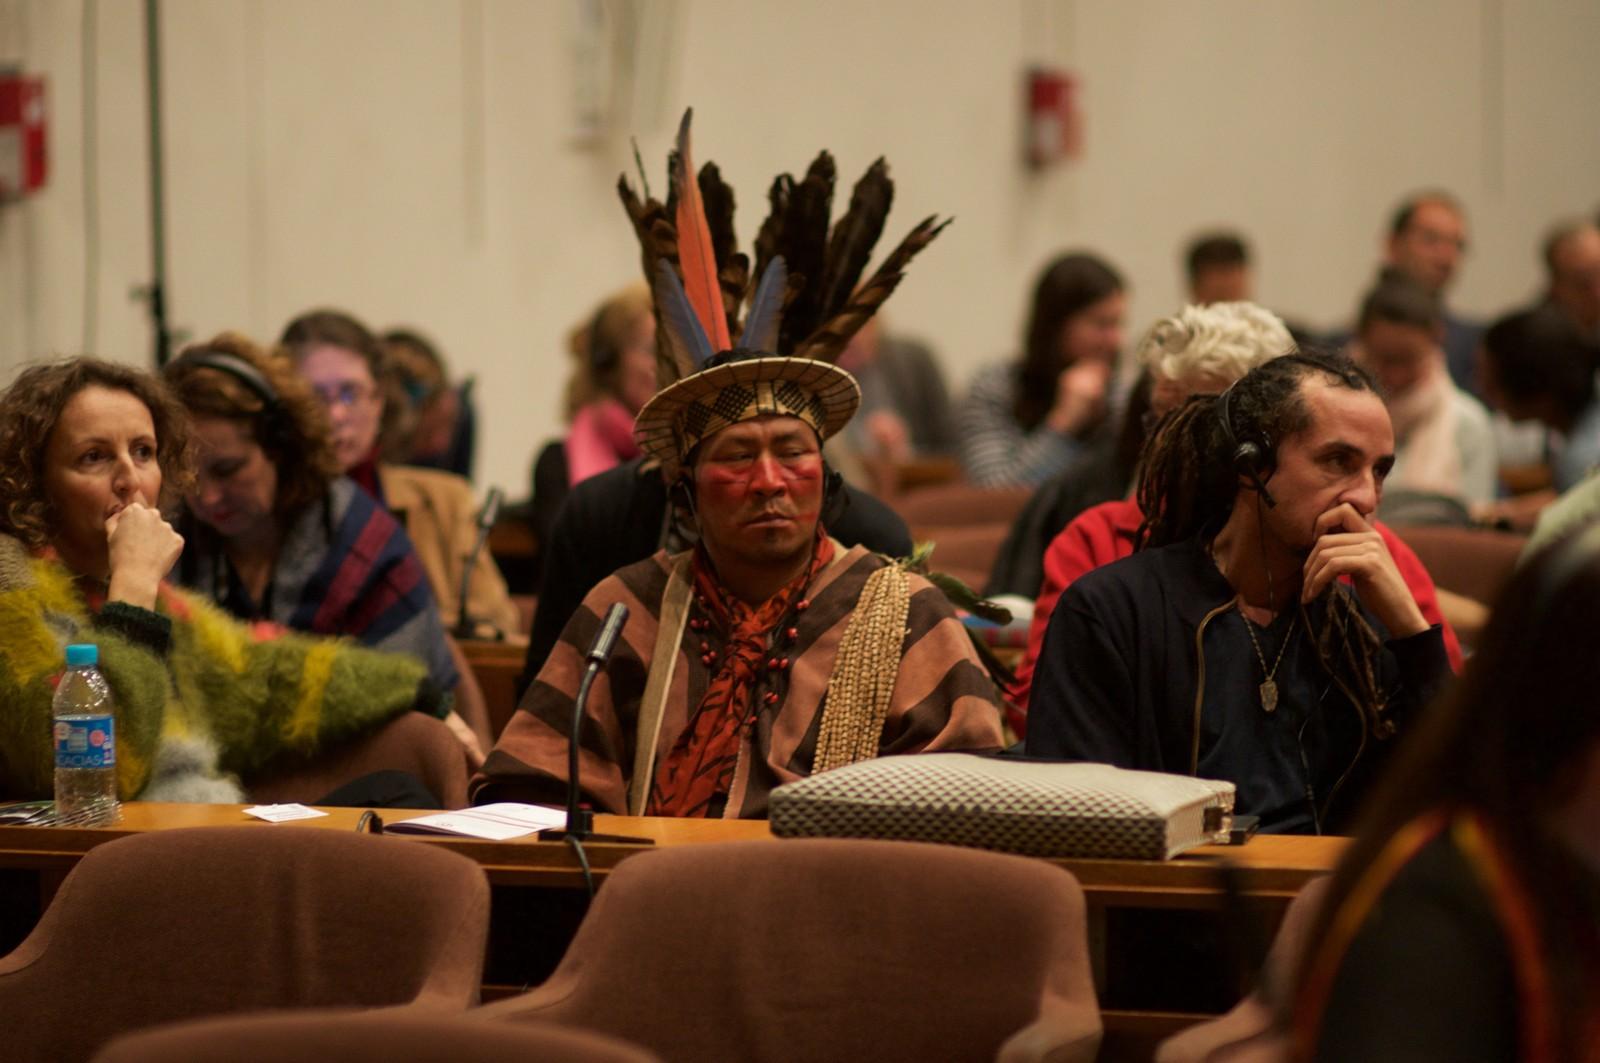 Konferanser som varer dagen lang kan bli slitsomme.  Fra UNESCOs urfolkskonferanse Resilience in a time of uncertainty.